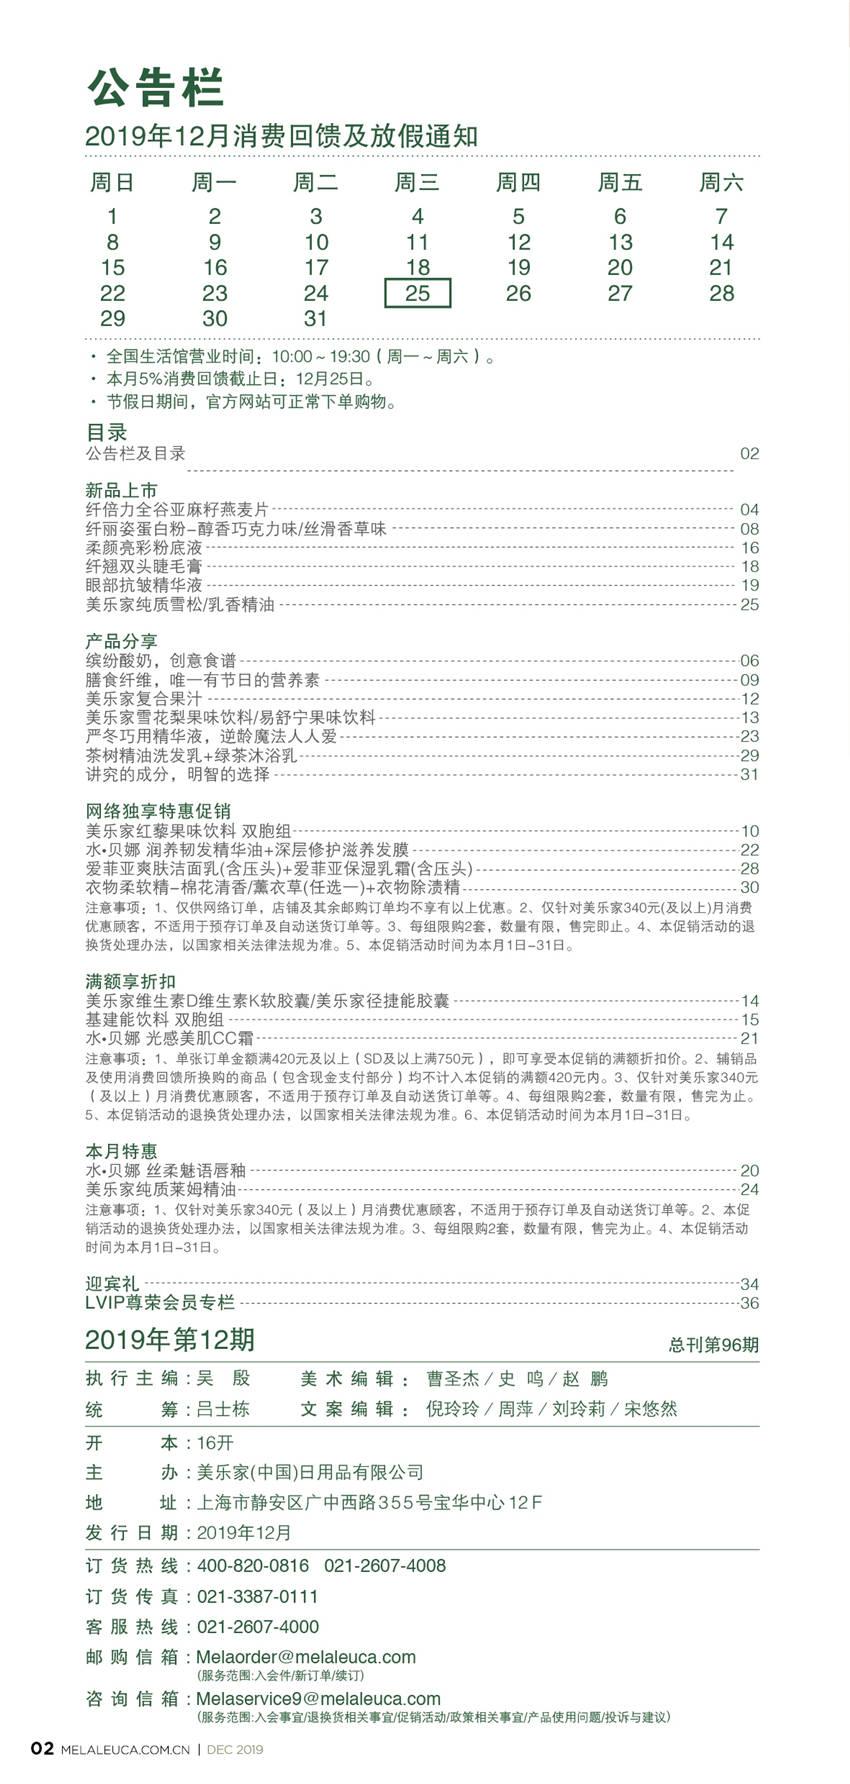 美乐家优质生活月刊-2019年12月